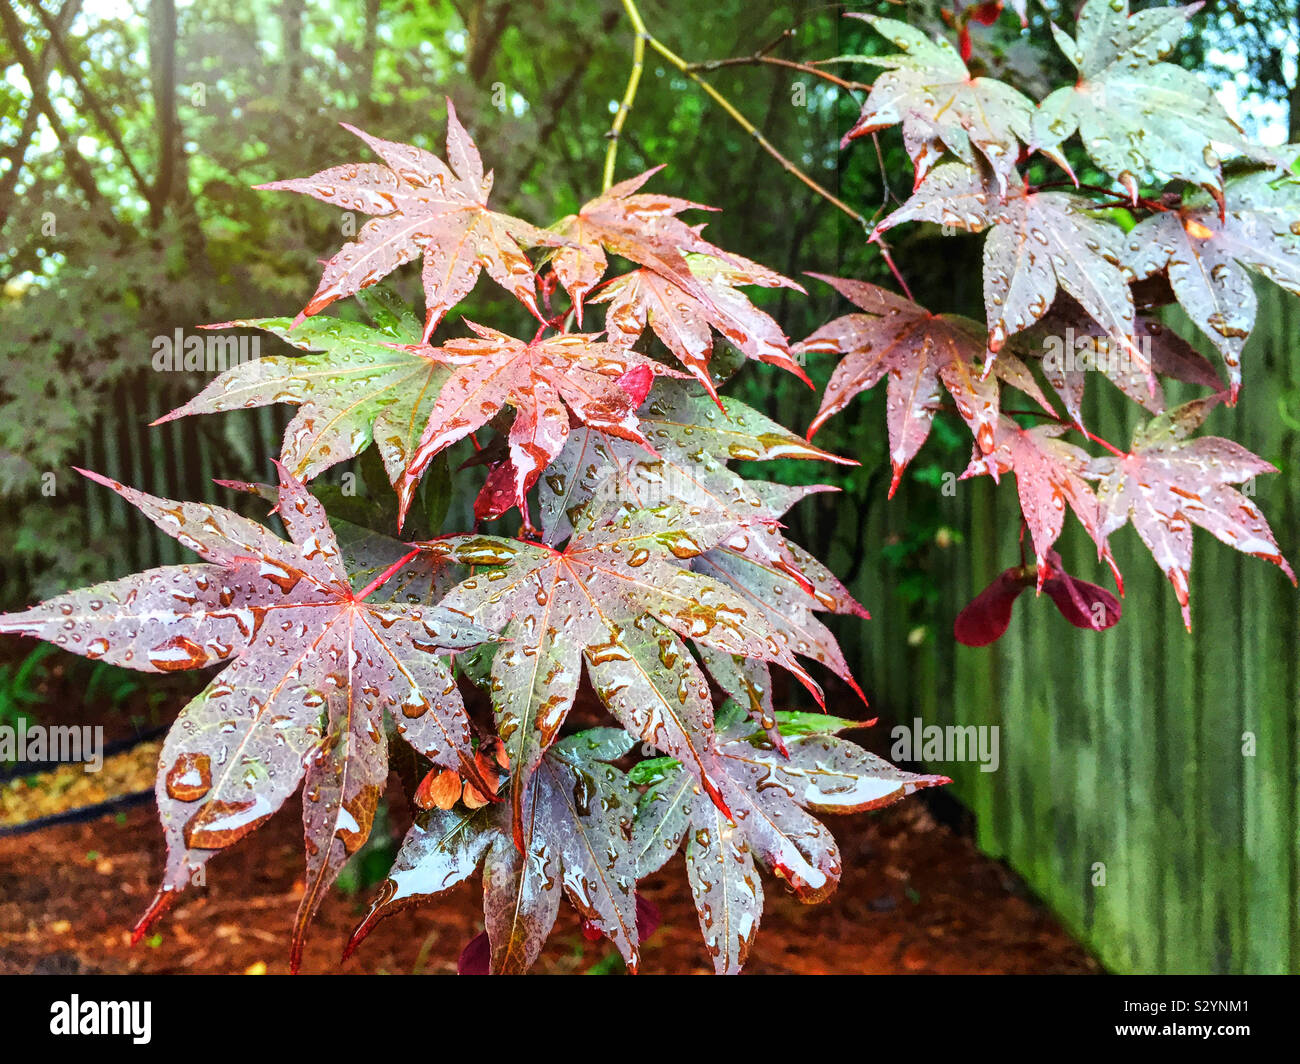 Coloridas hojas de arce rojo y verde durante la temporada de verano. Están cubiertos de gotas de agua. Foto de stock